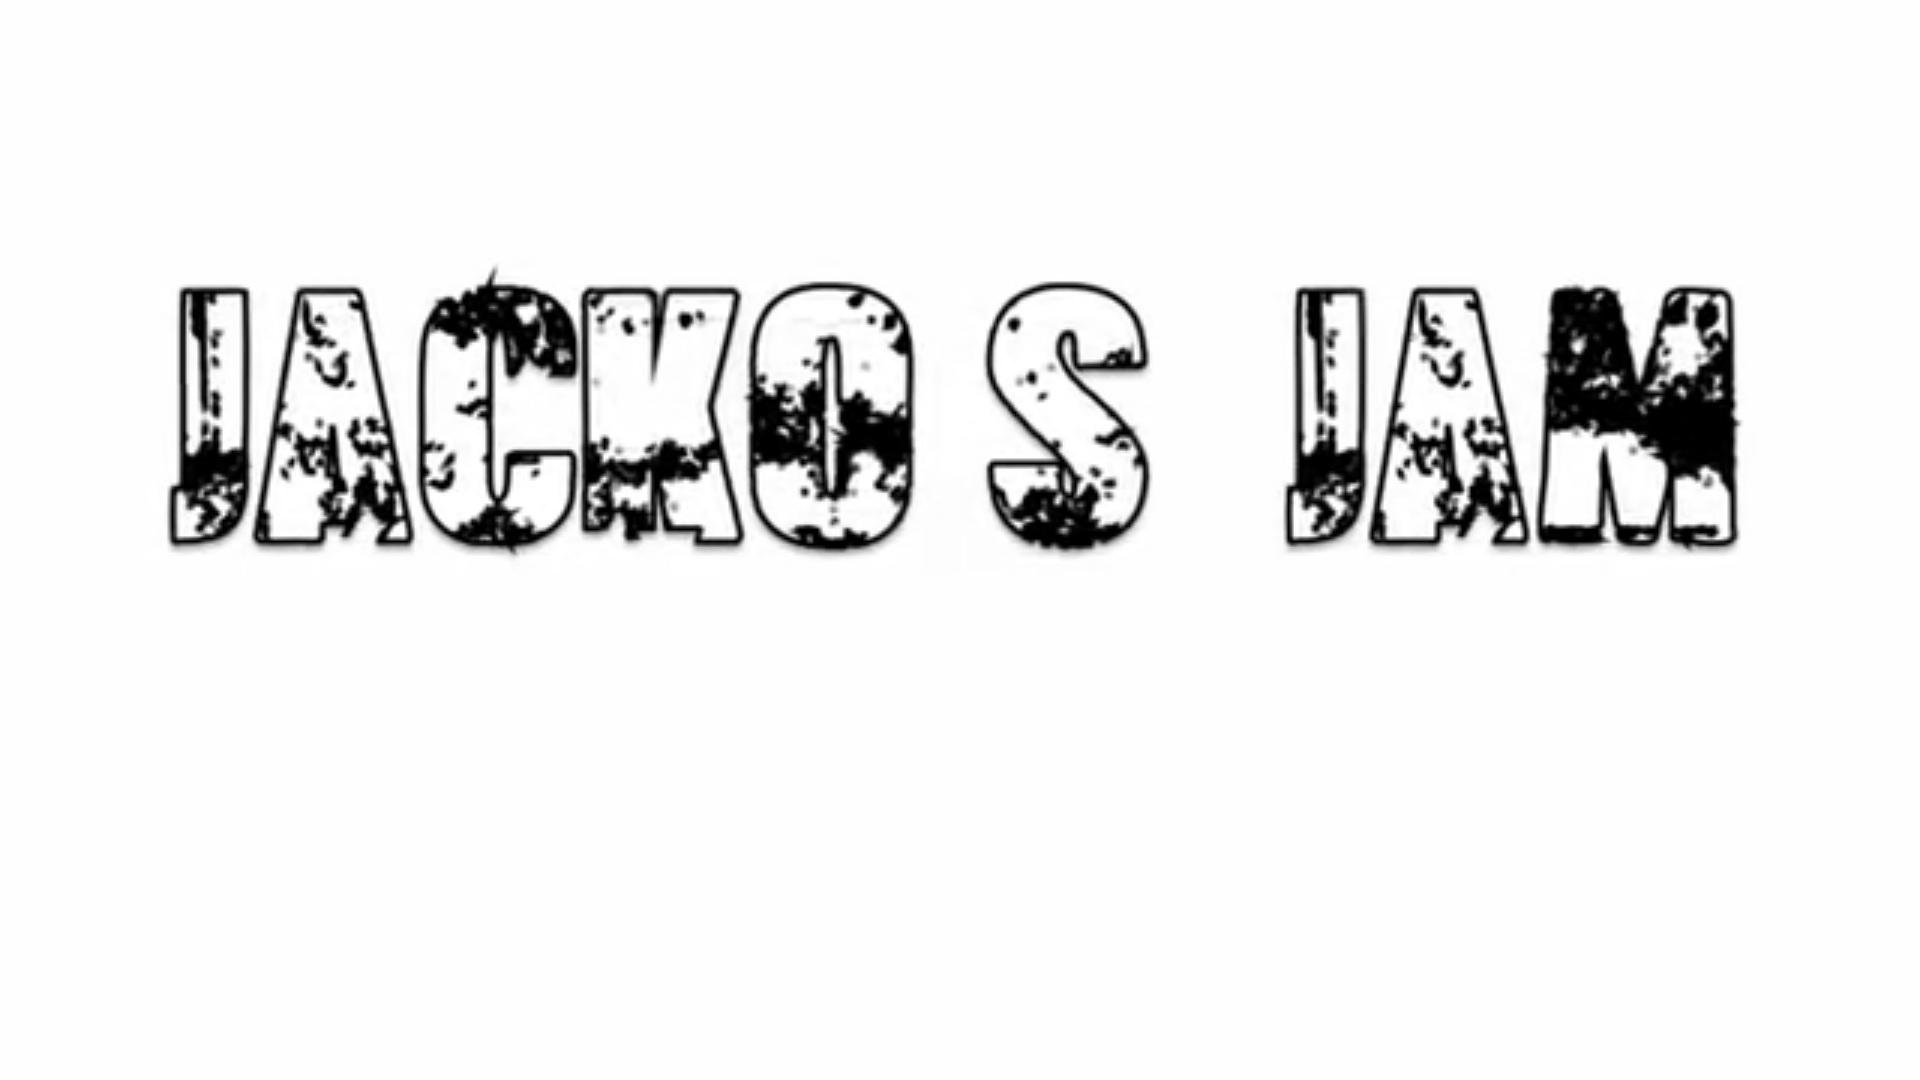 Jacko's Jam 2013